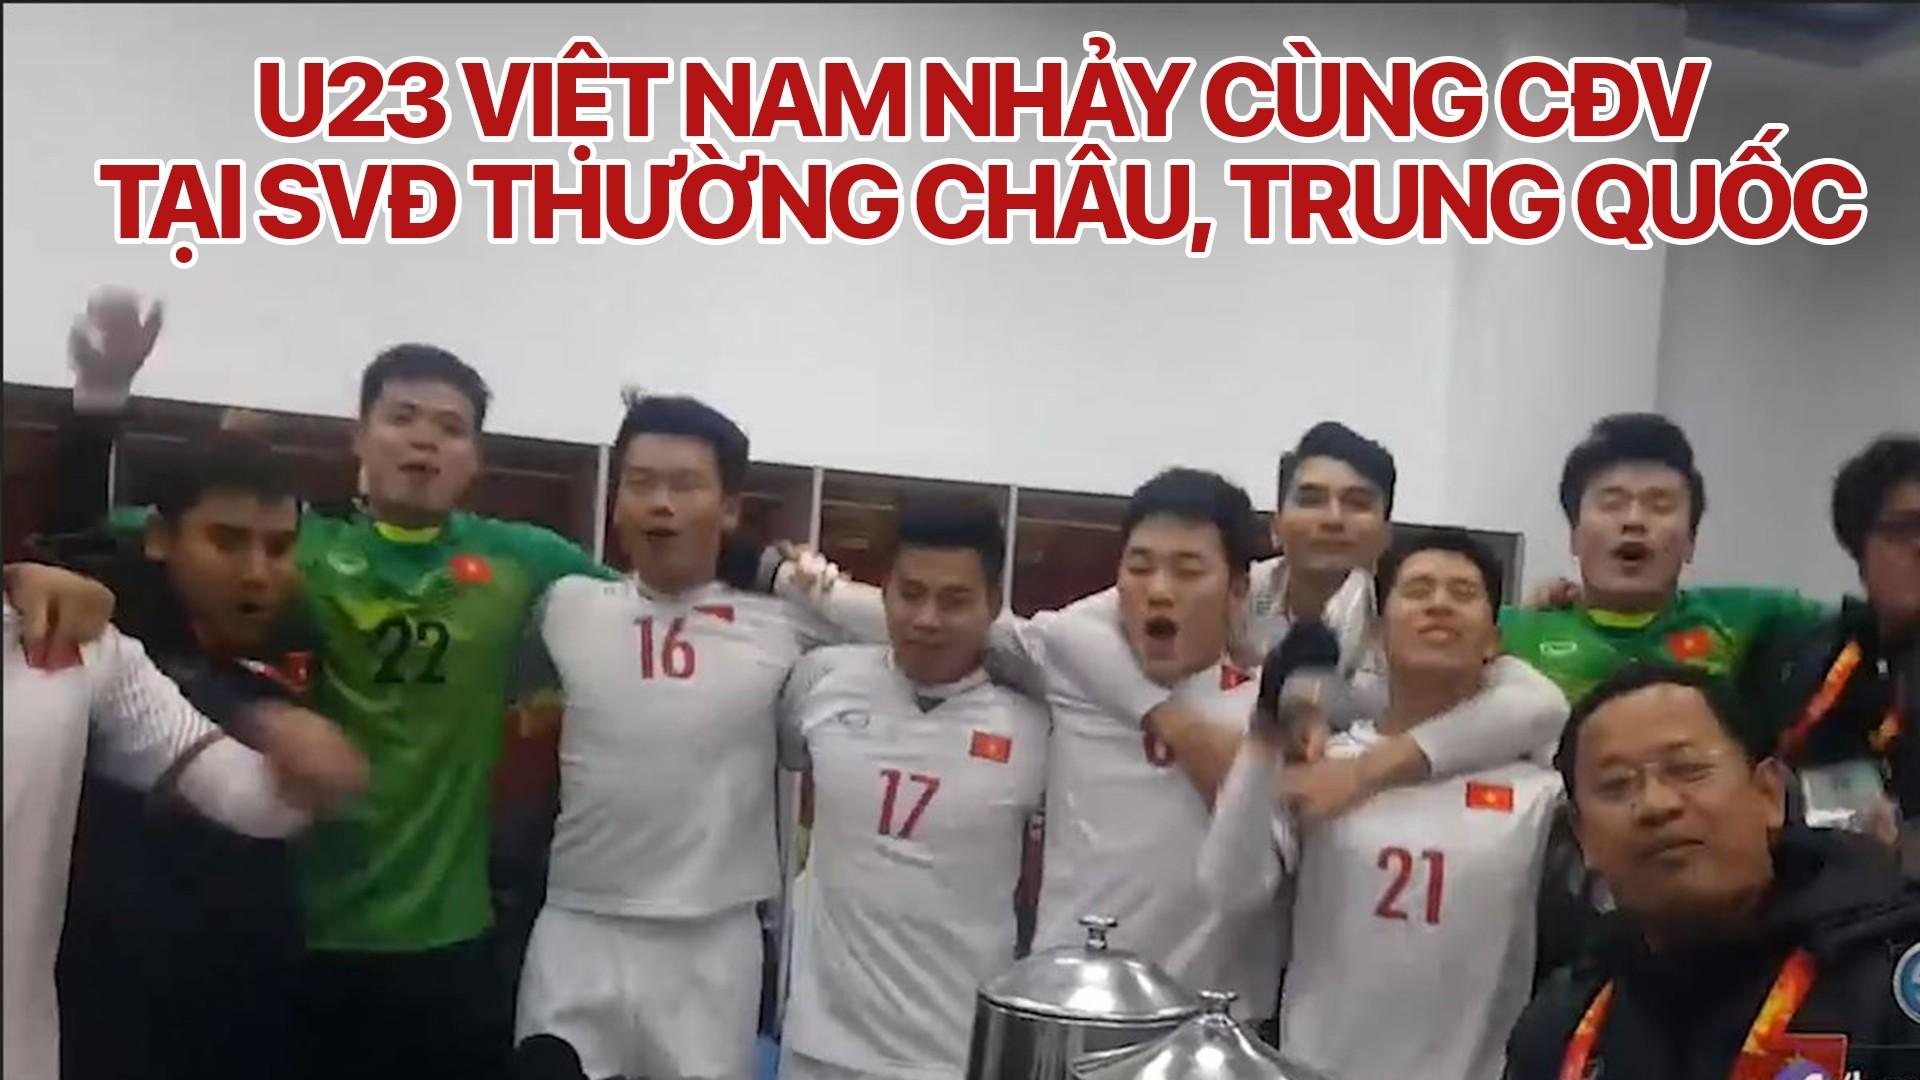 U23 Việt Nam nhảy cùng CĐV tại SVĐ Thường Châu, Trung Quốc